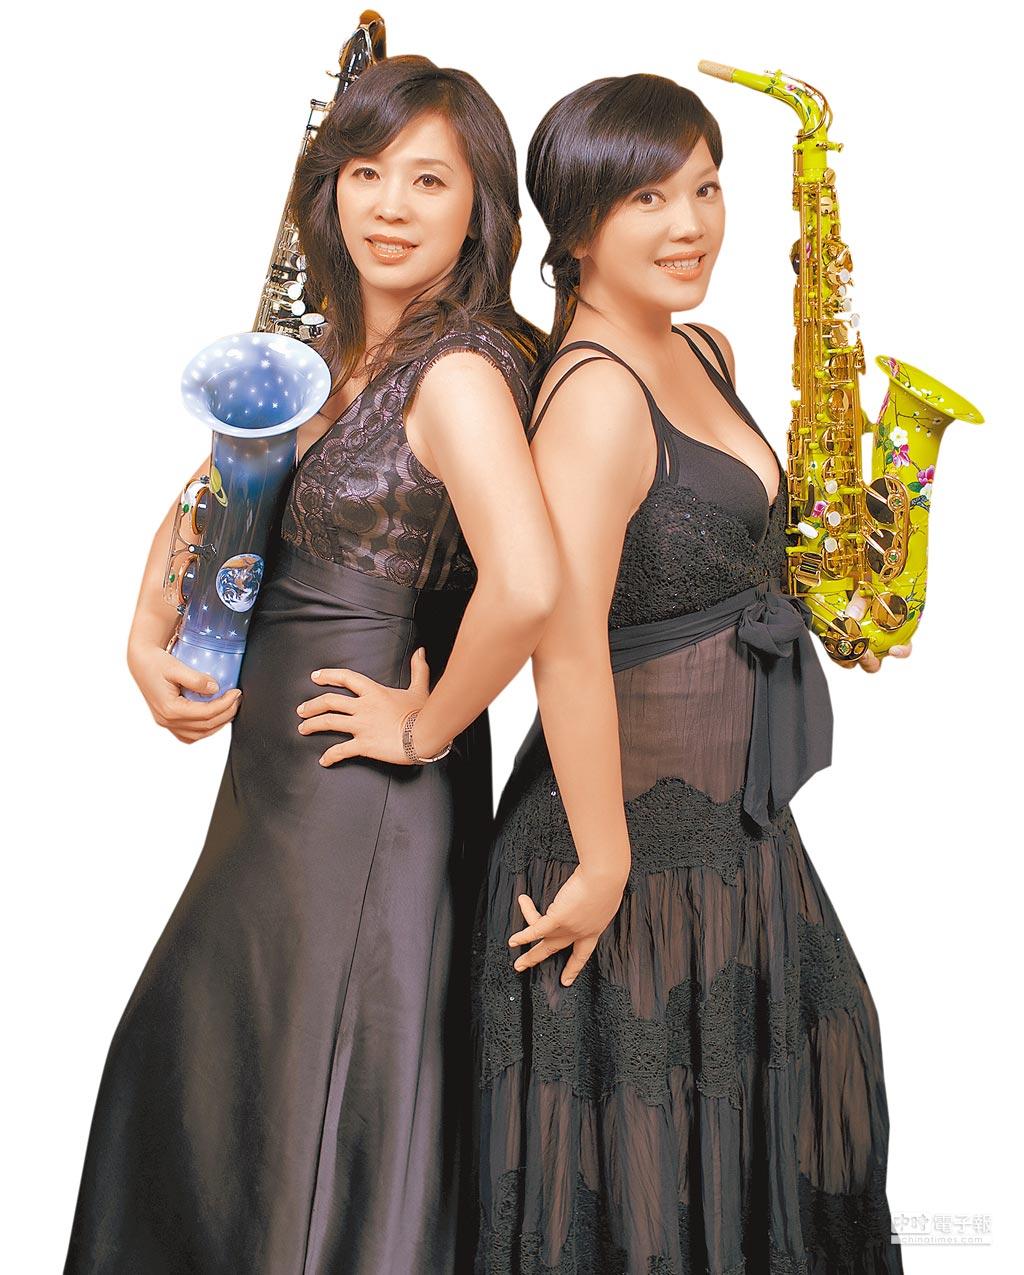 張淑儀(左)、張佳琳(右)姊妹原本是音樂家,卻一頭栽入樂器製作與銷售,在商場闖出一片天。(翻攝照片)